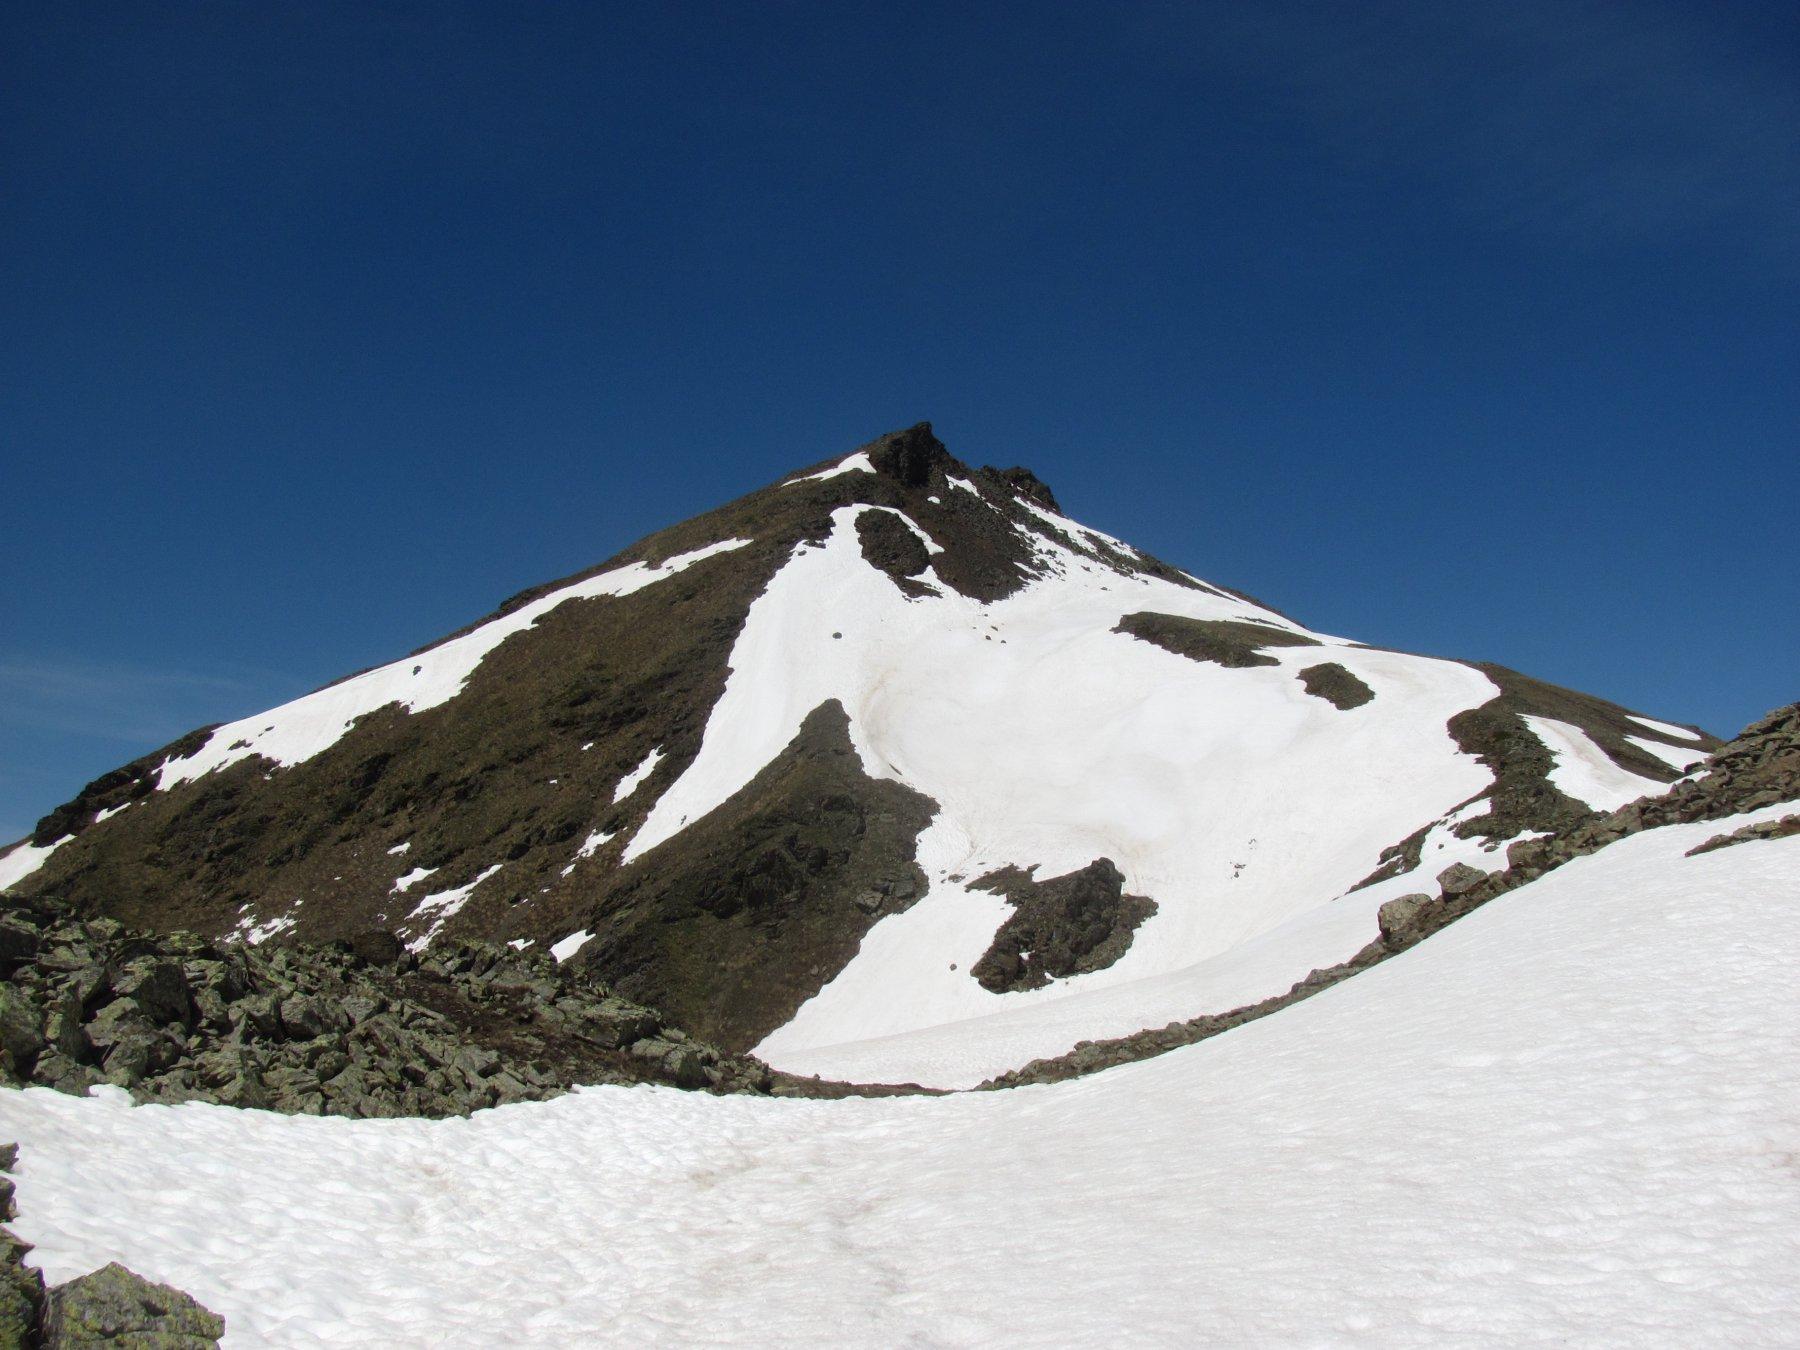 Il Mont de la Tsa, ancora quasi in veste invernale